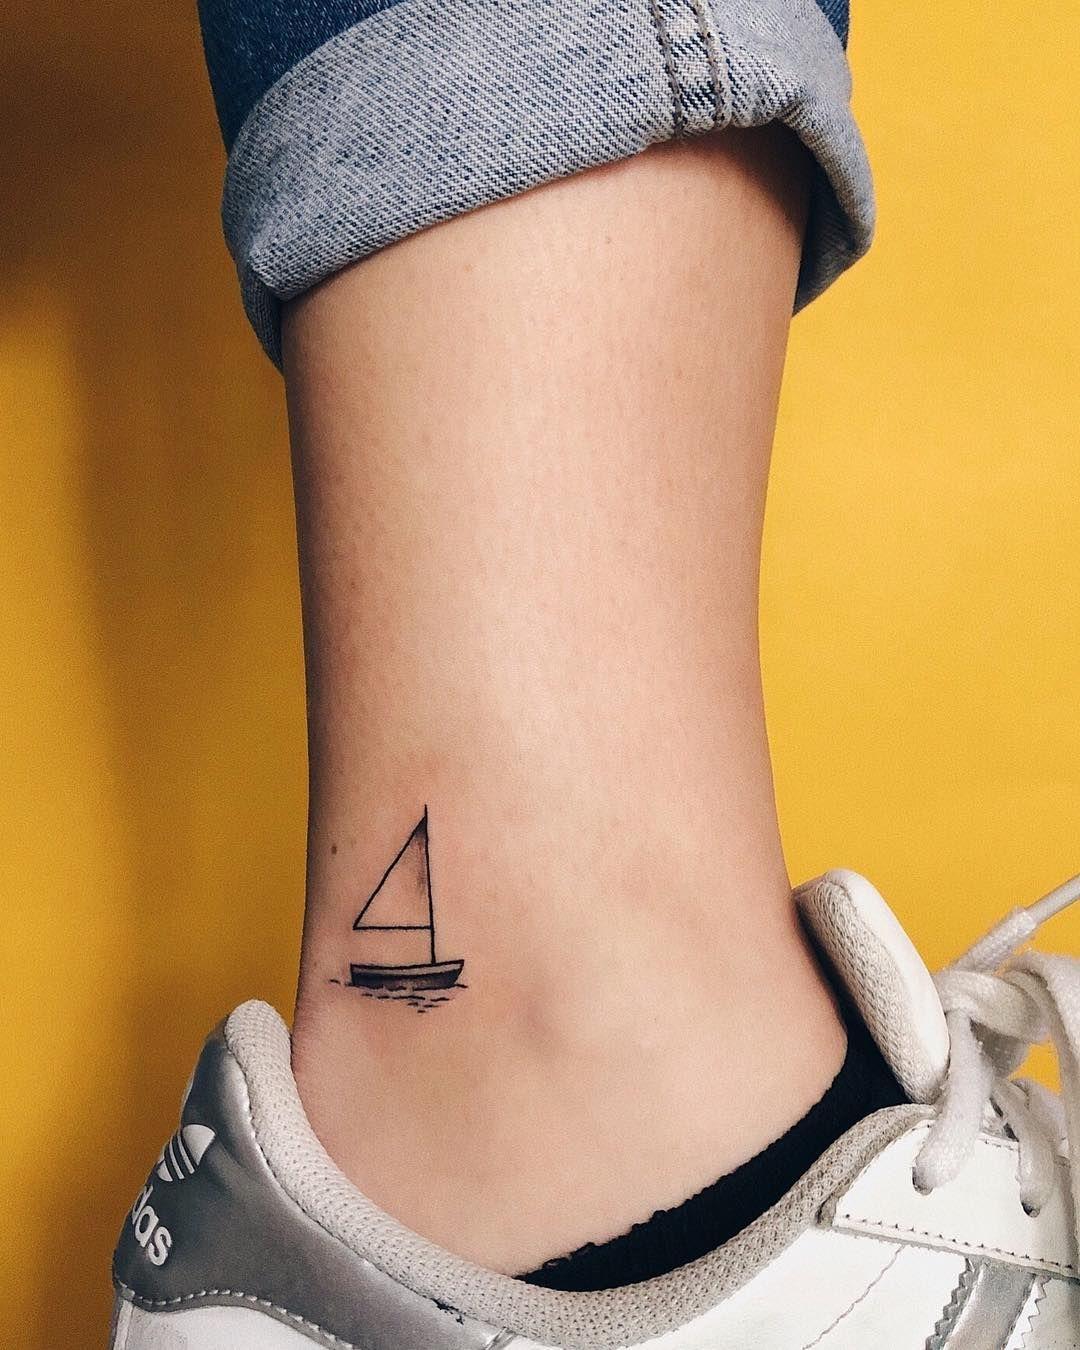 Minimal Tattoo Design,Modern Tattoos,Boat,Ink,Tattoo